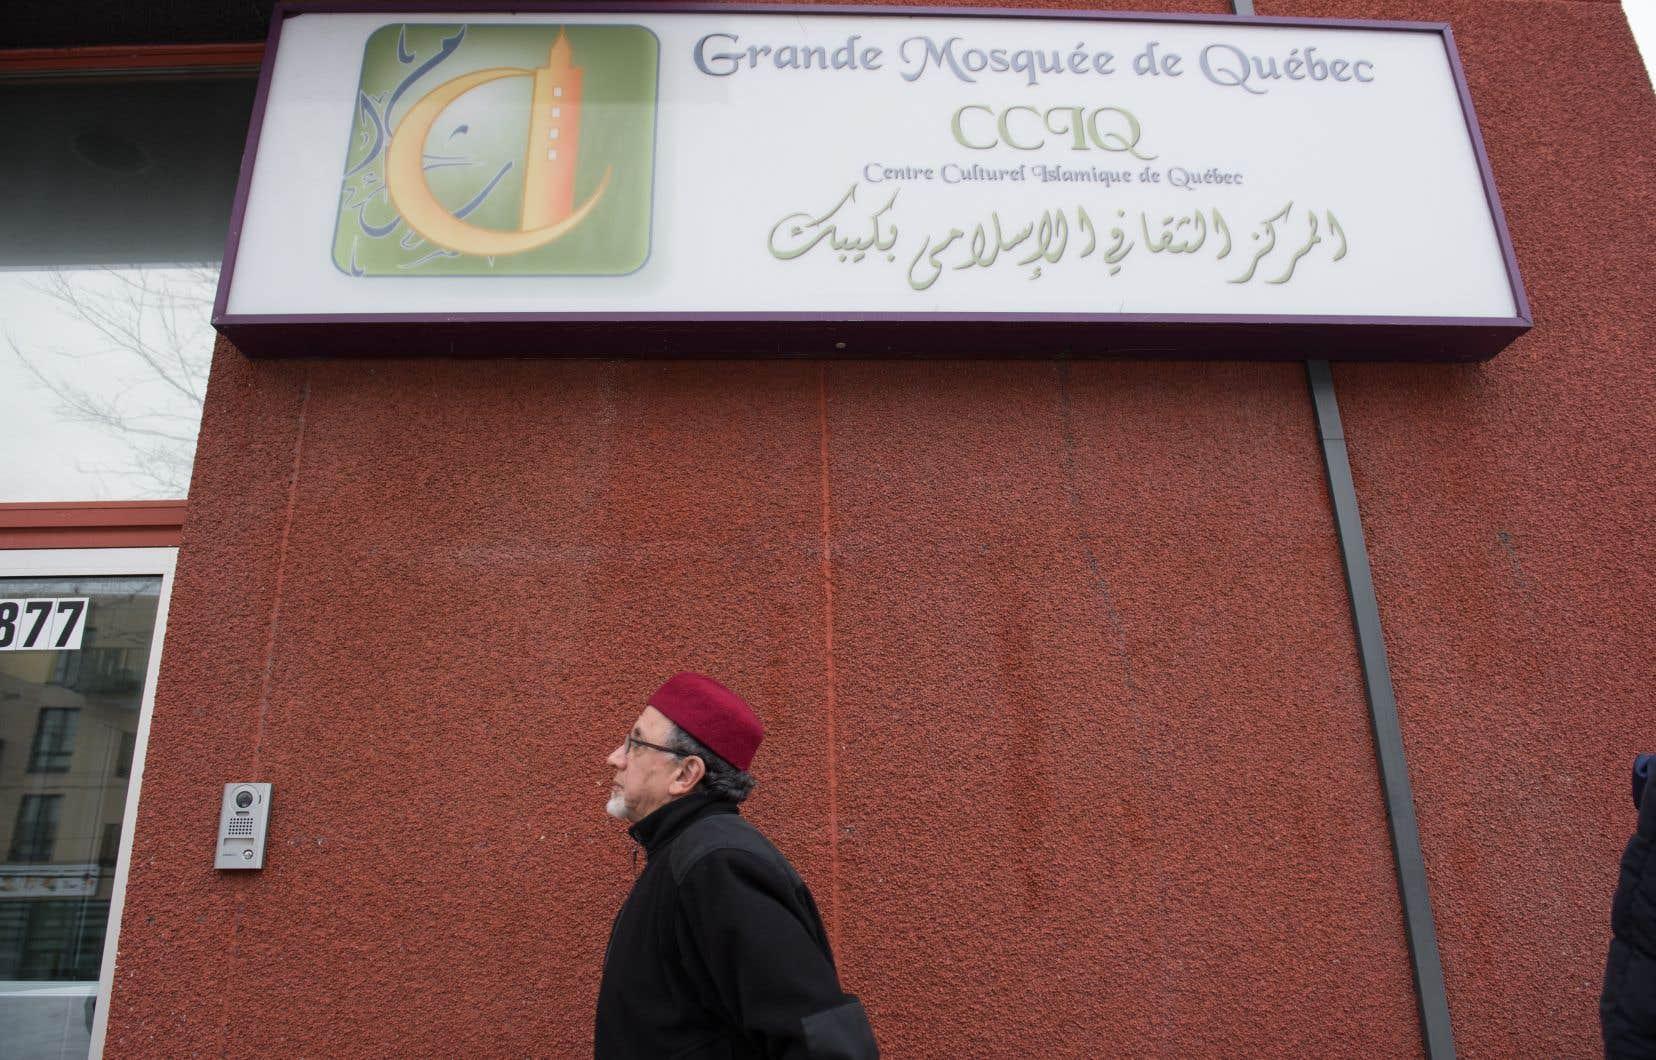 Samedi, le Service de police de la ville de Québec a arrêté un homme de 47ans après une dispute au Centre culturel islamique de Québec, un peu après 12h15.